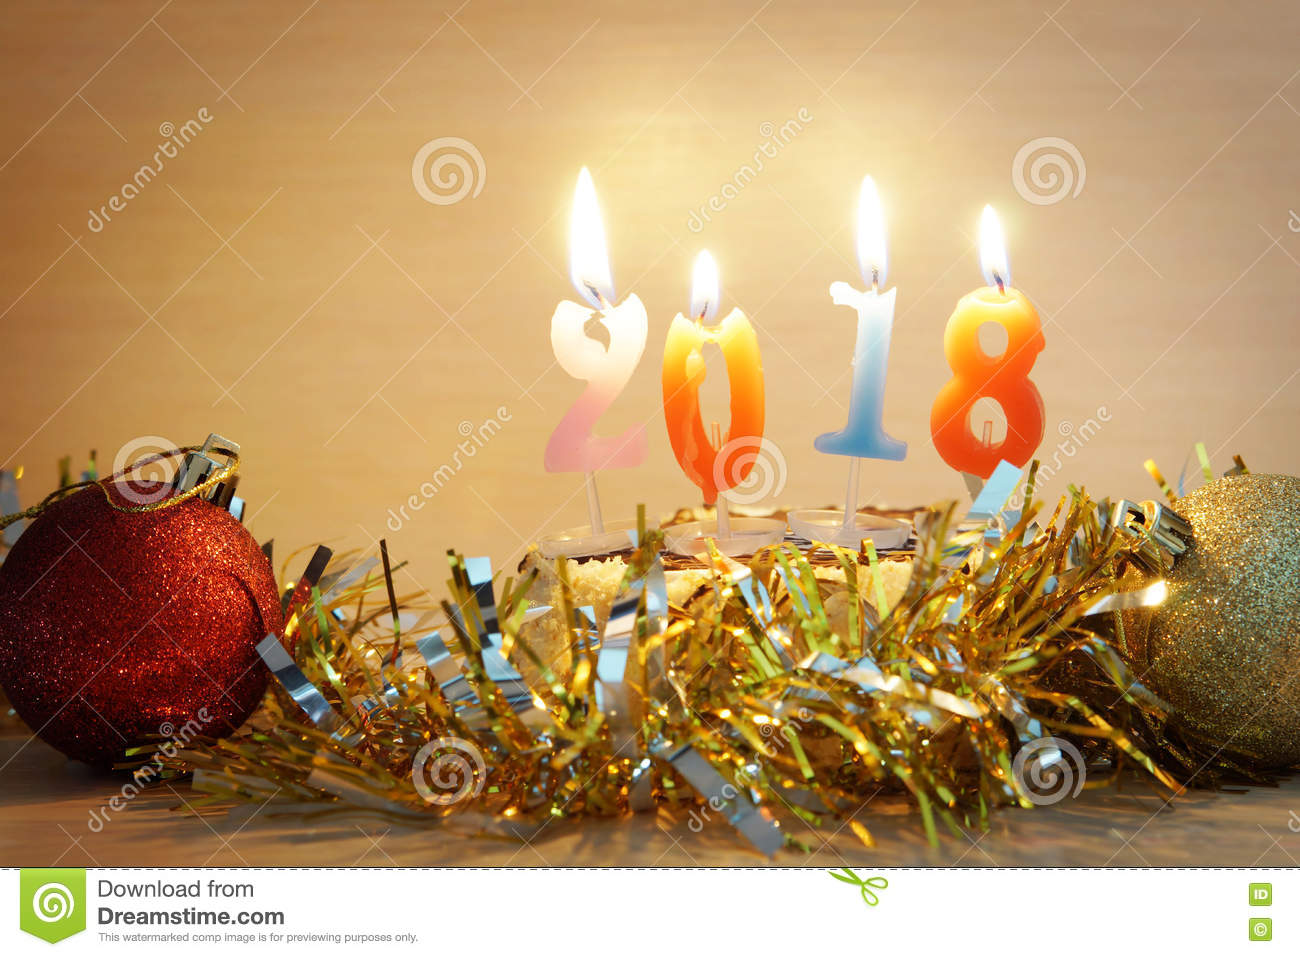 Feliz Aniversário 2018 Tia Lucia: Aniversariantes Do Dia: Aos Aniversariantes De Janeiro De